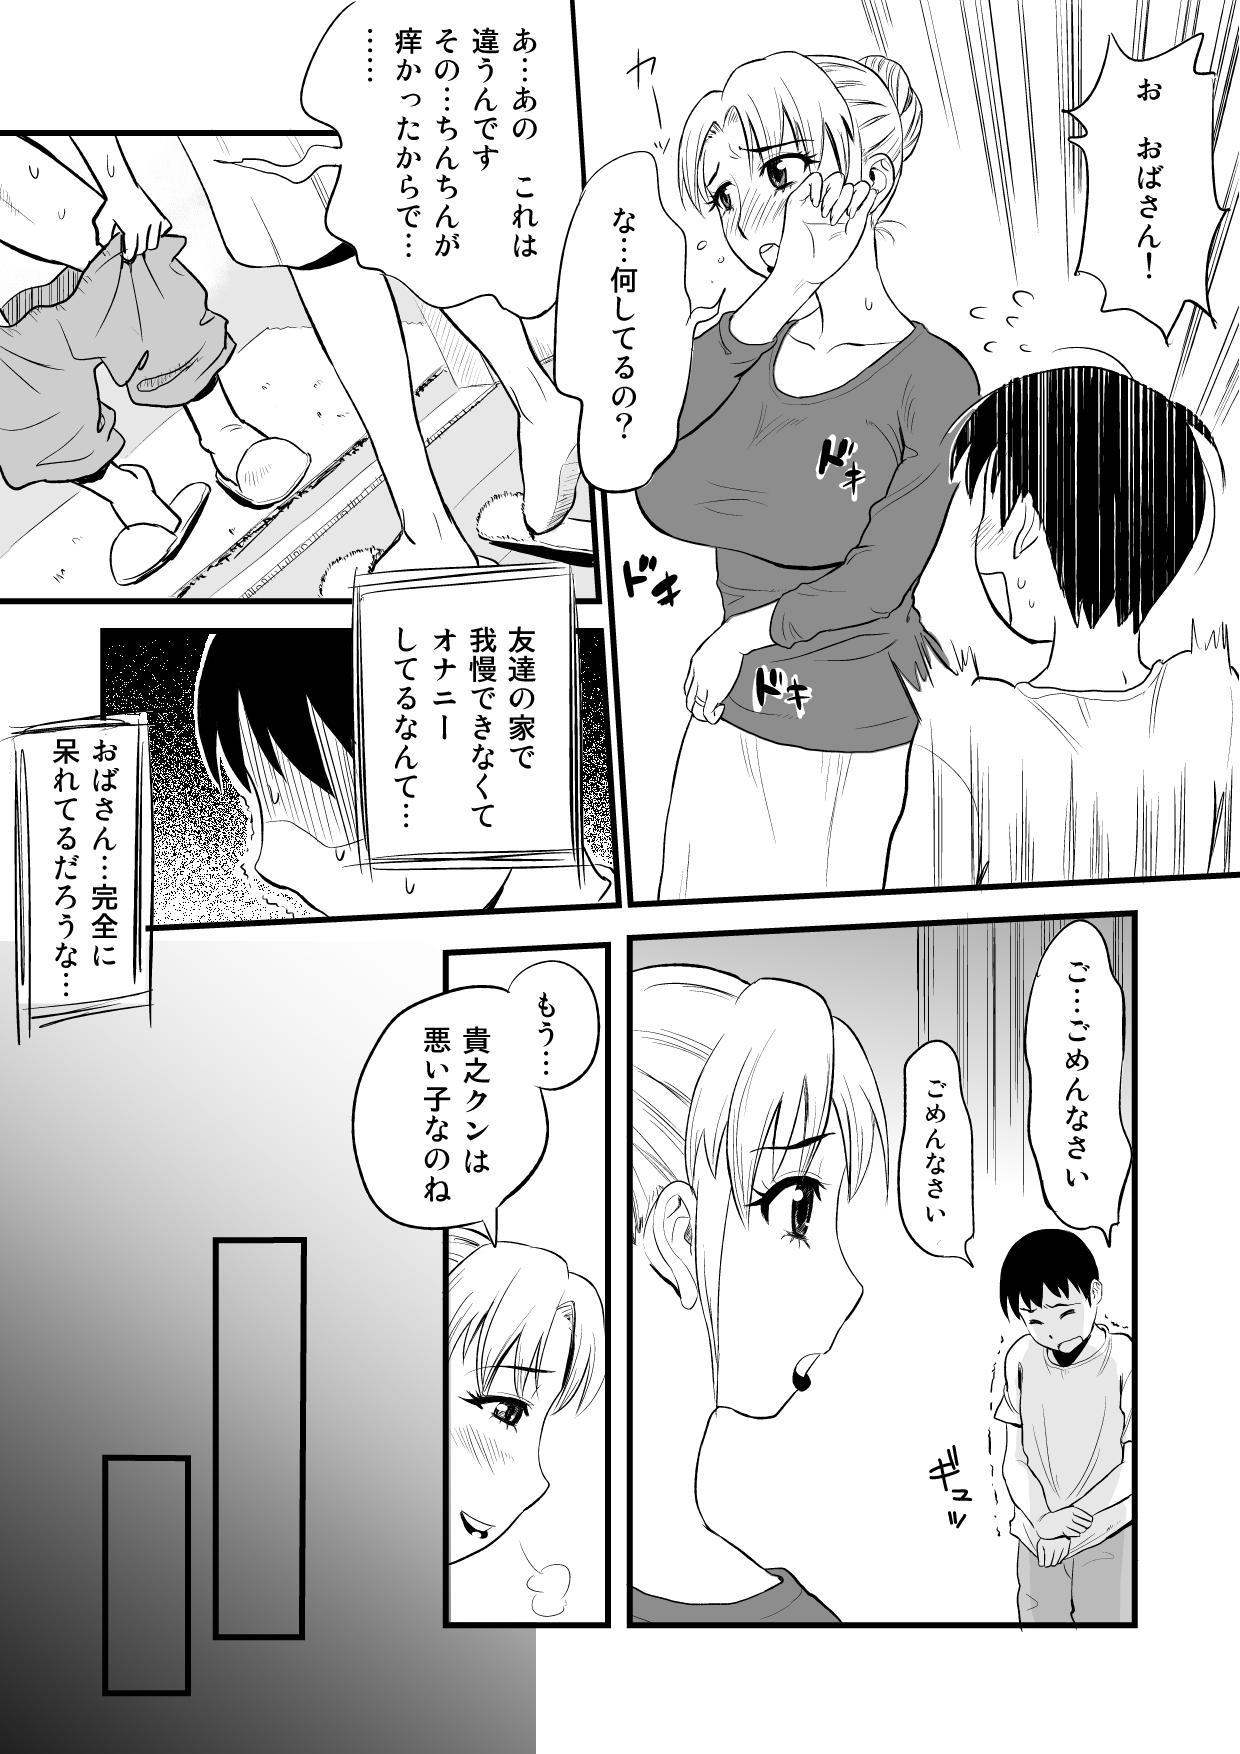 Yuujin no Mama ga Onanie no Otetsudai? 9